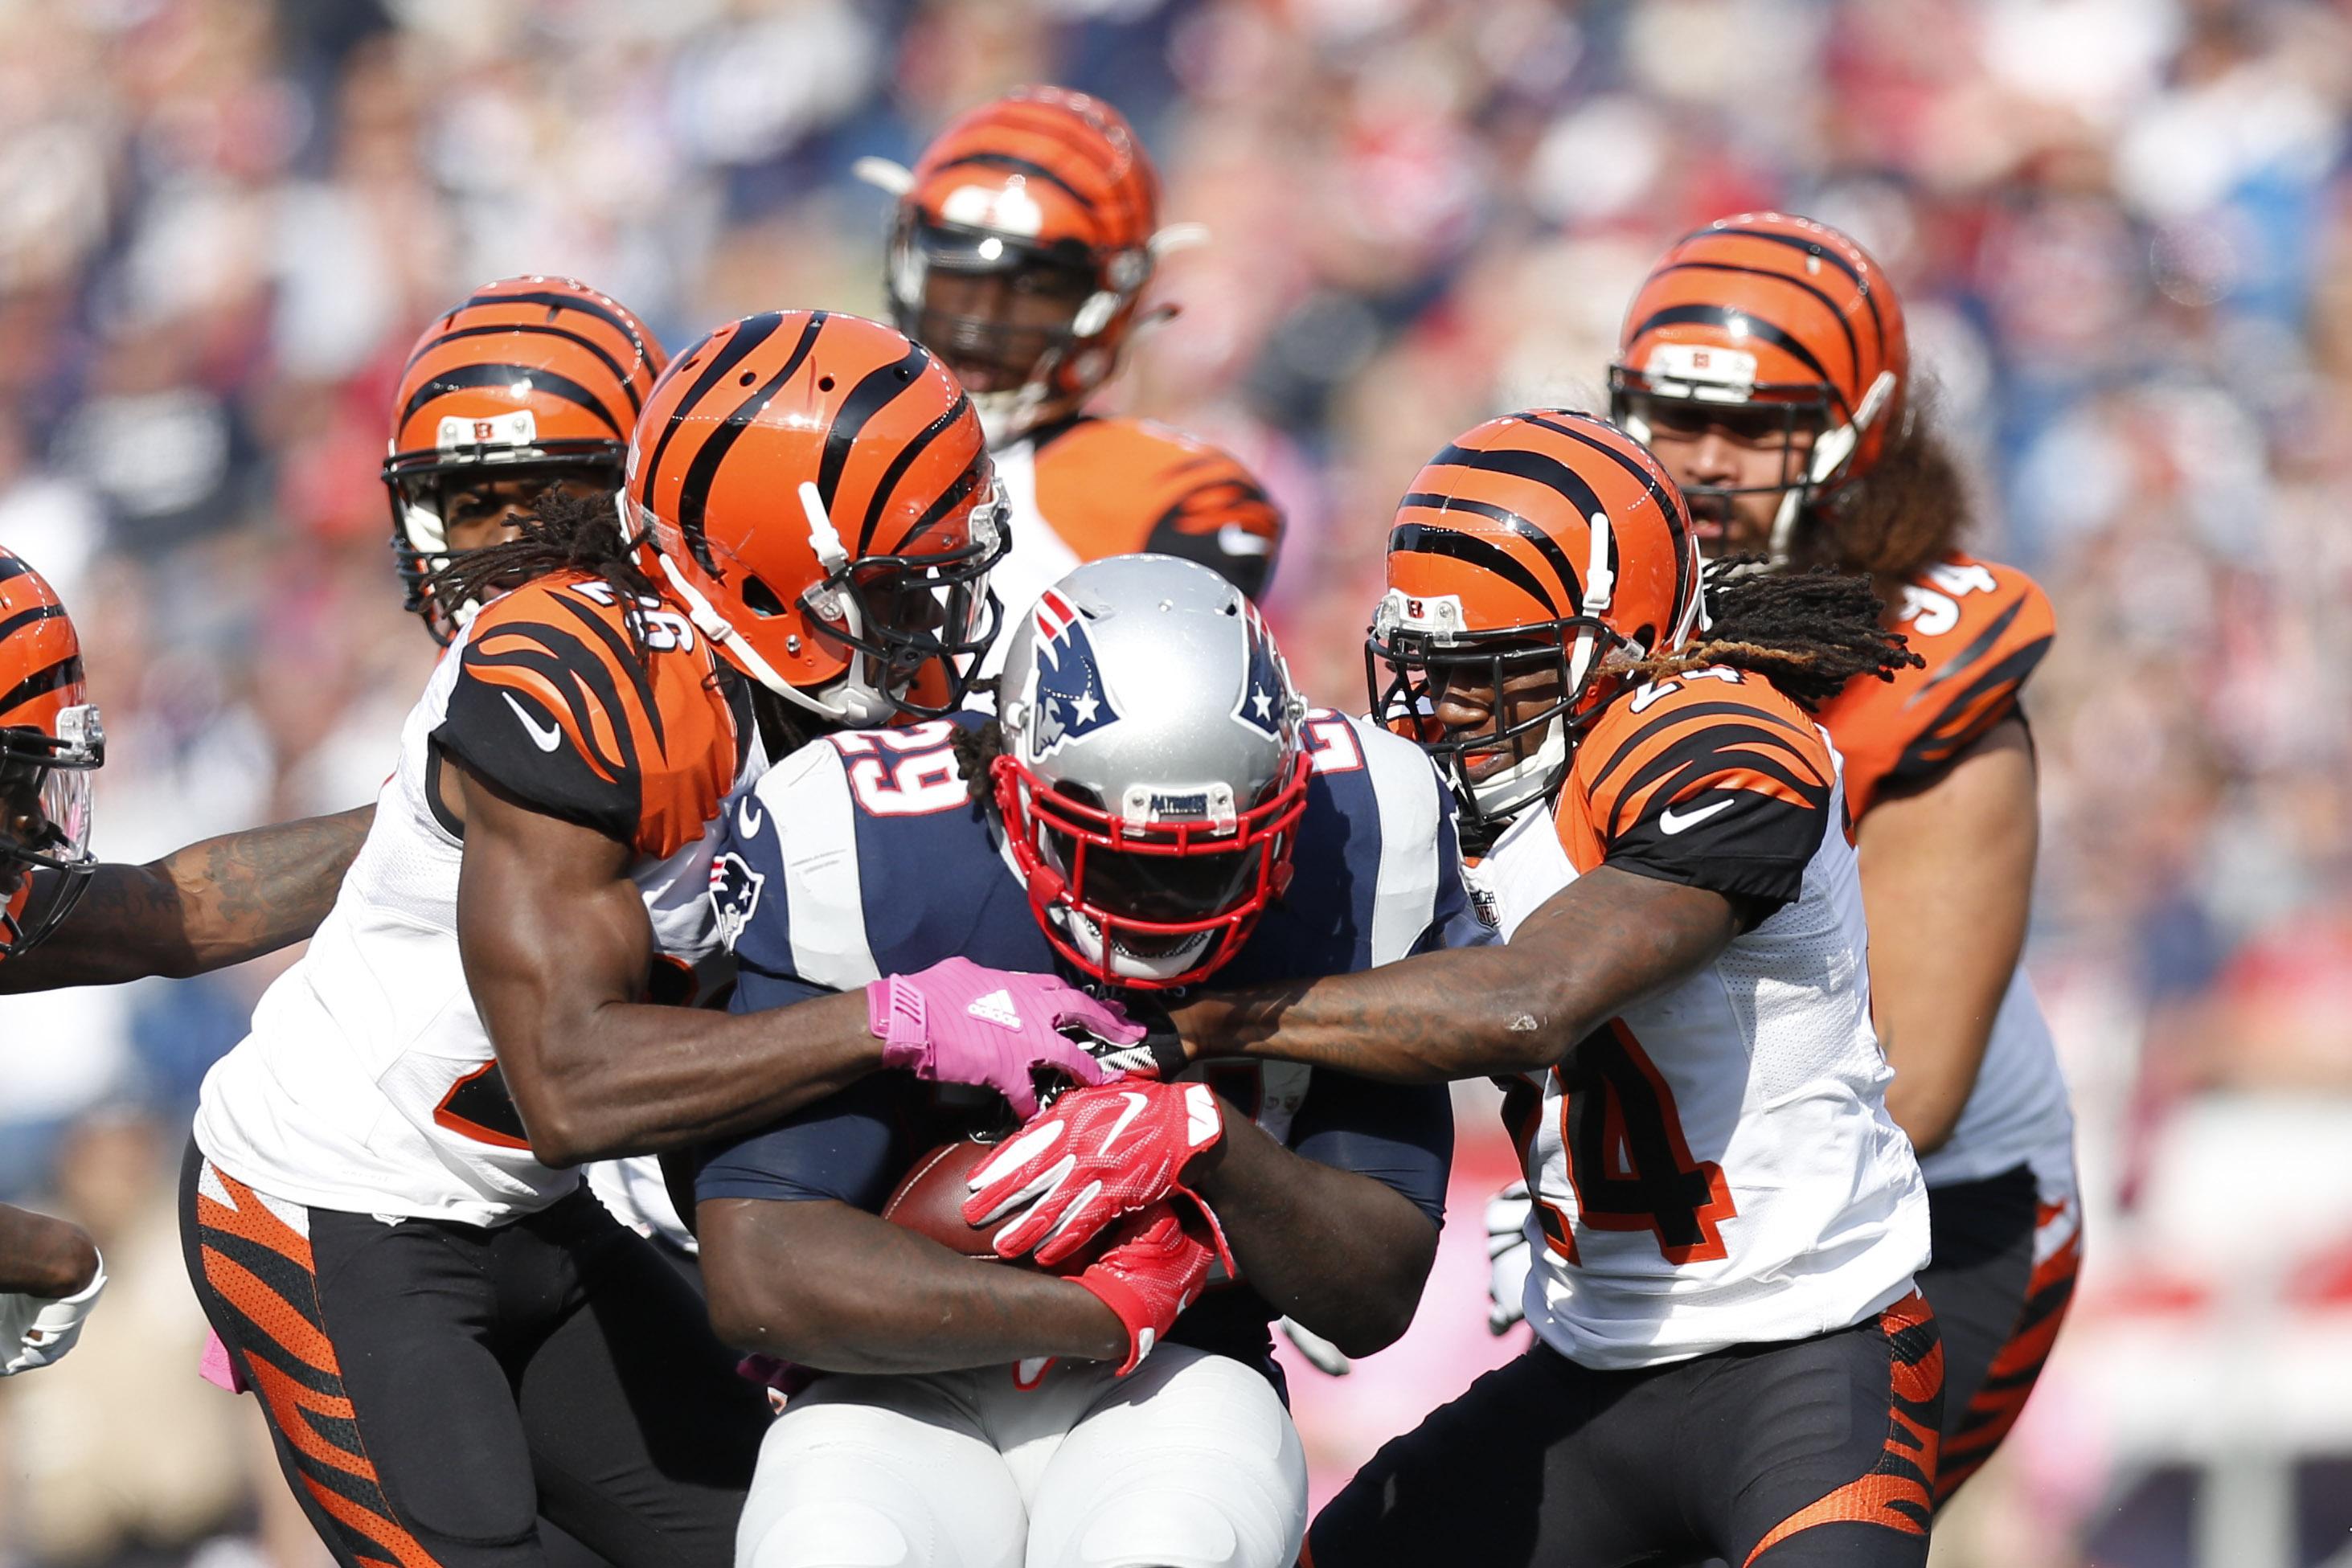 NFL: Cincinnati Bengals at New England Patriots